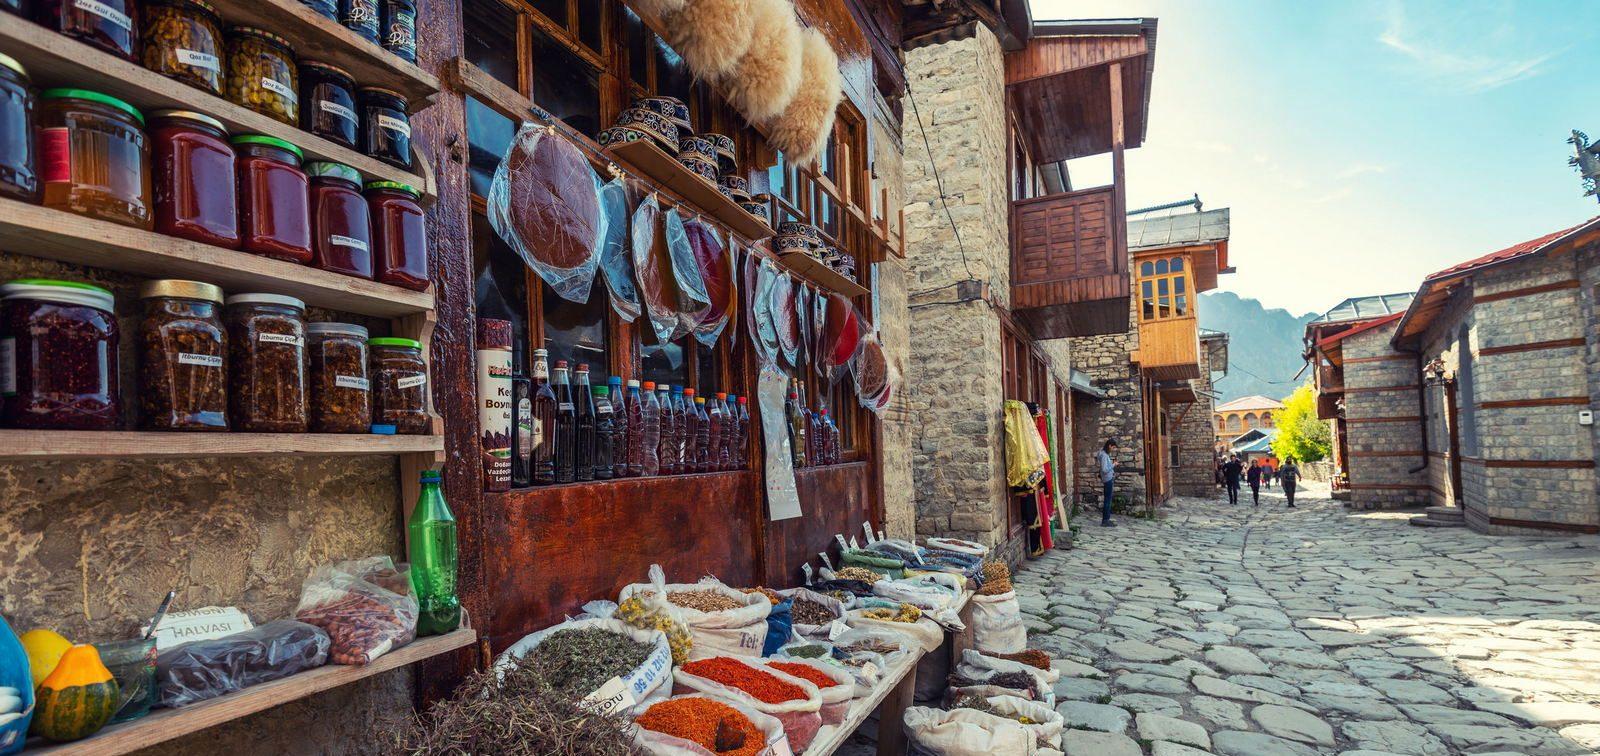 7-Day Travel to Azerbaijan – Classic Tour